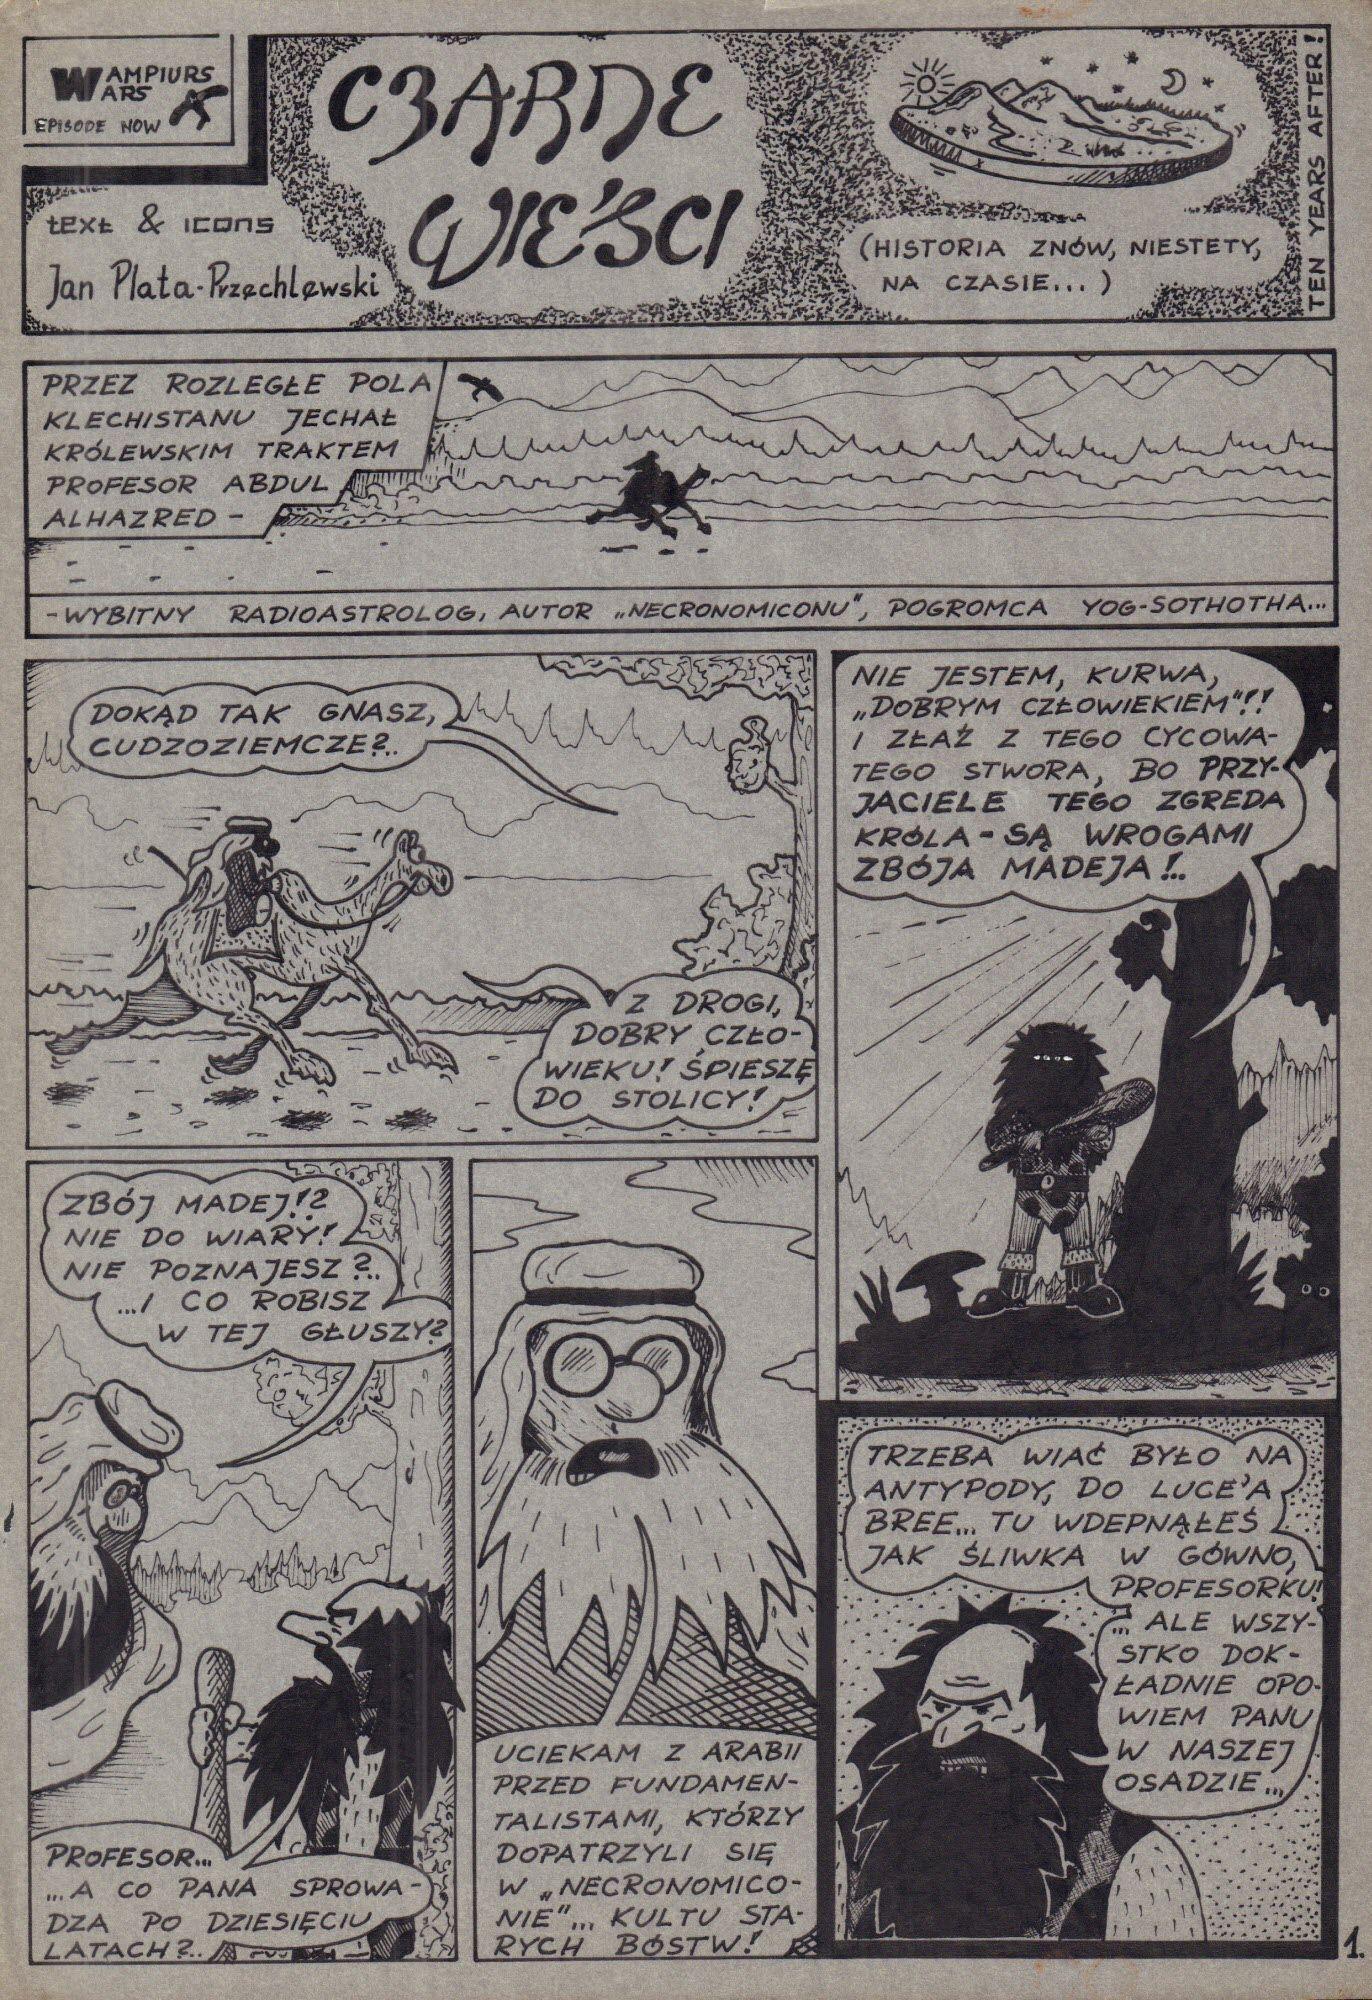 Wampiurs Wars. Czarne wieści, s. 1/3